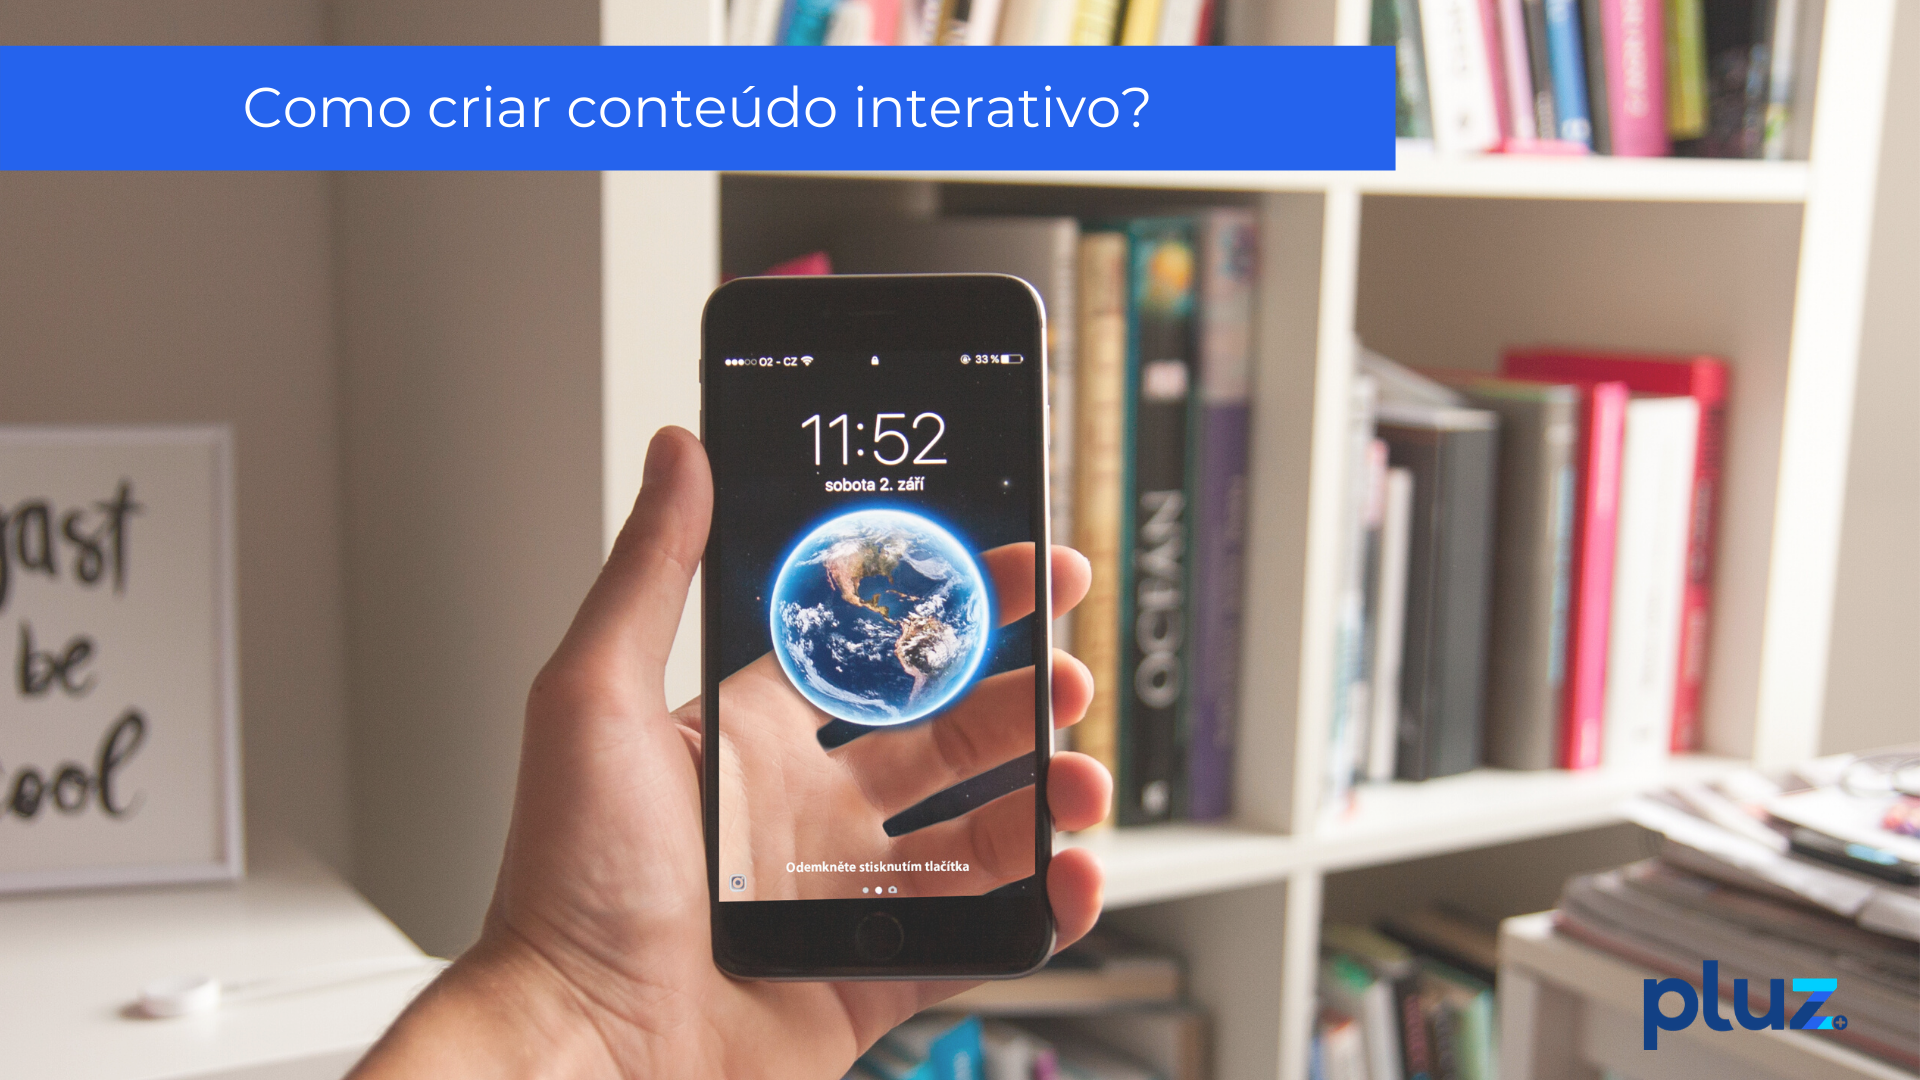 Como criar conteúdo interativo